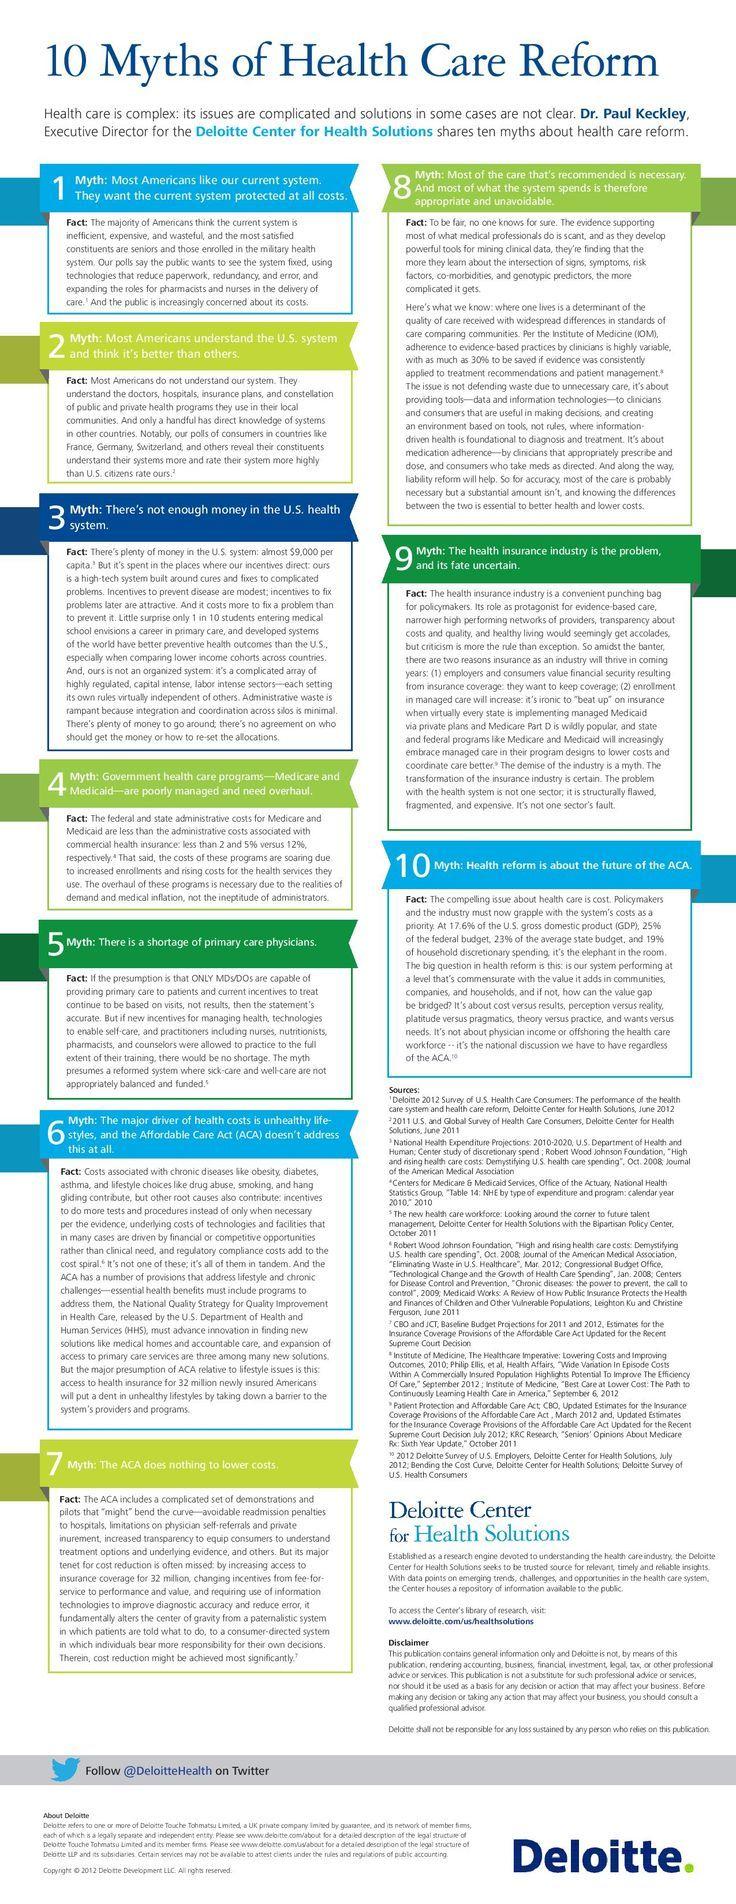 10 healthcare reform myths